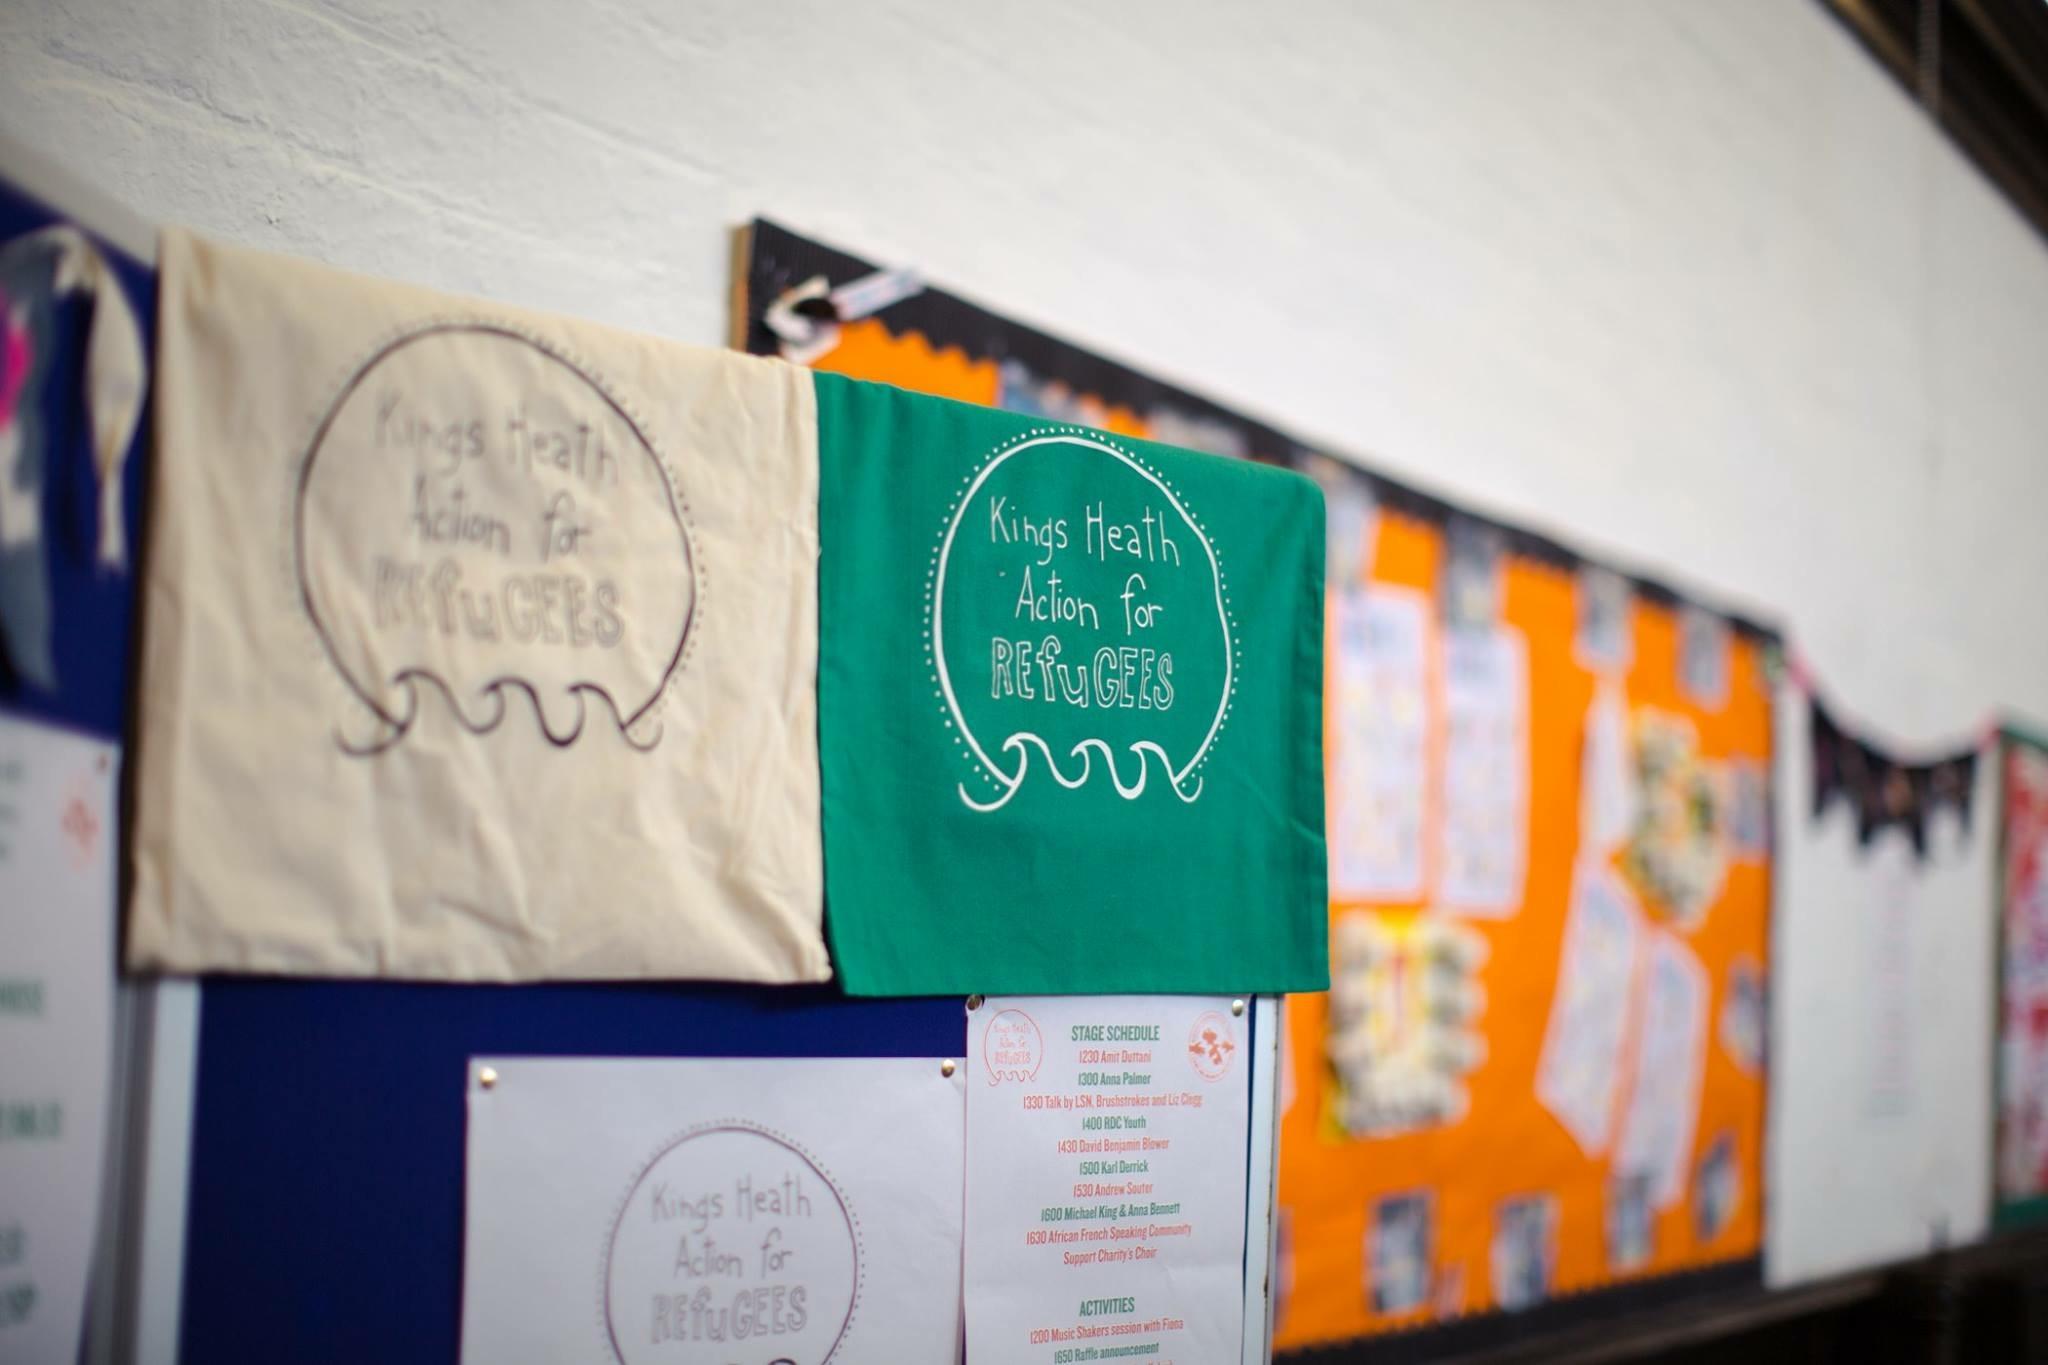 Action for refugees - Paperdolls blog